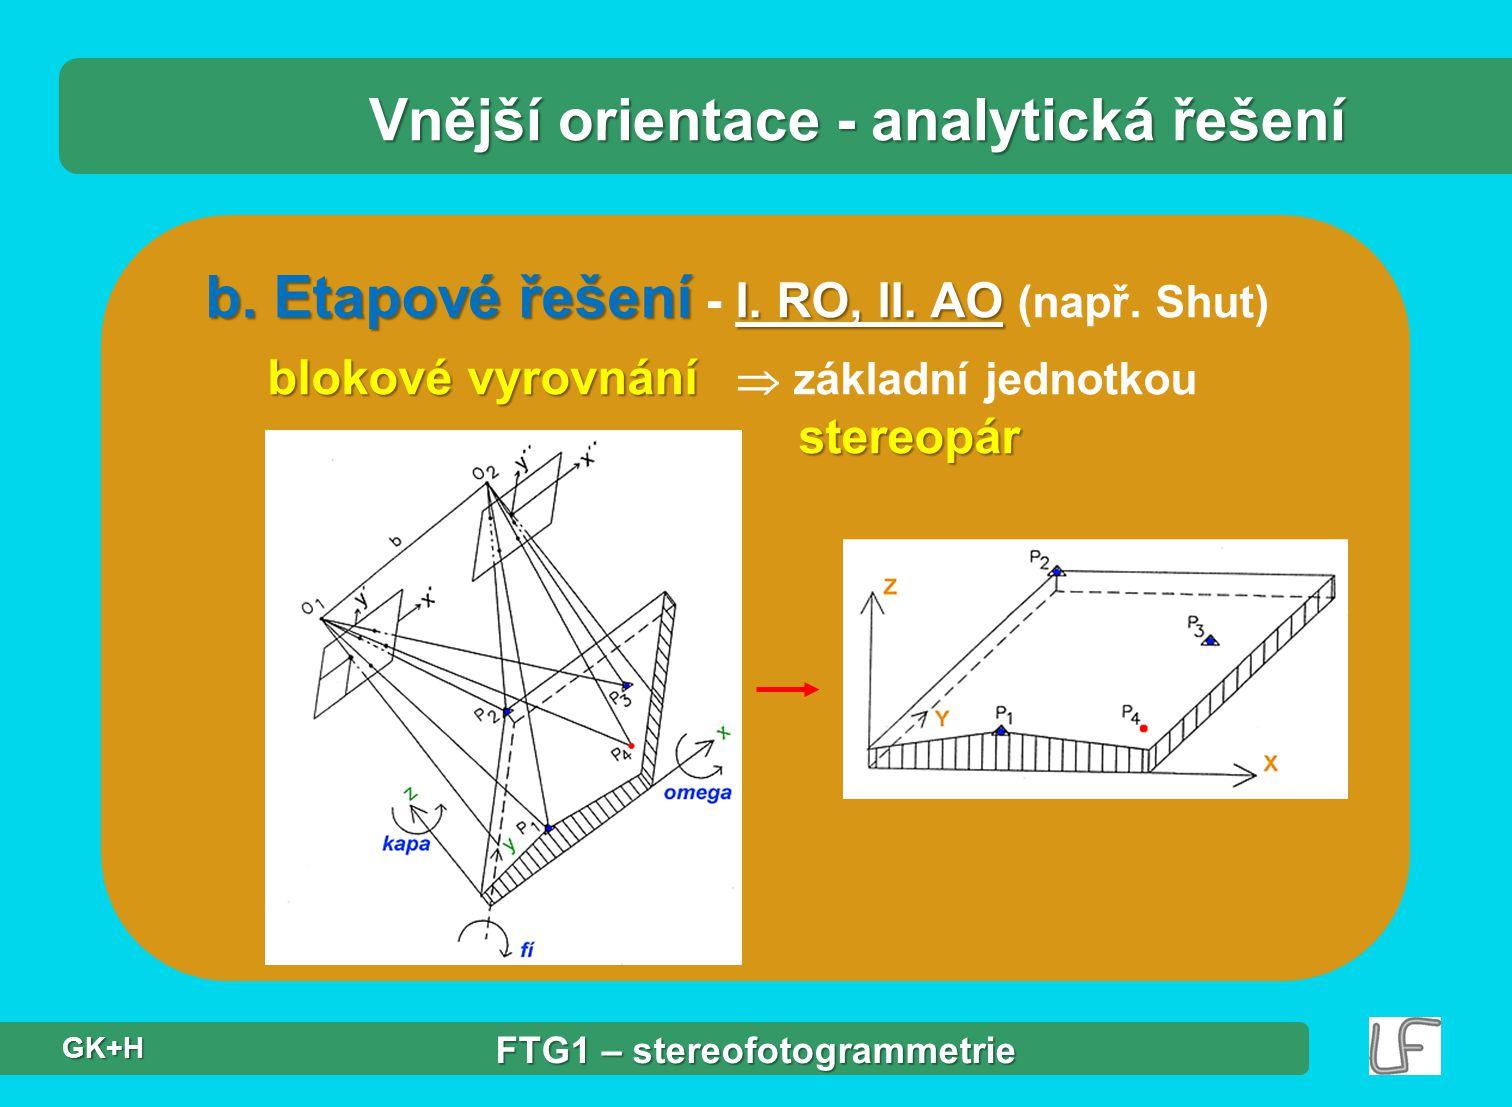 b. Etapové řešení I. RO, II. AO b. Etapové řešení - I. RO, II. AO (např. Shut) blokové vyrovnání stereopár blokové vyrovnání  základní jednotkou ster